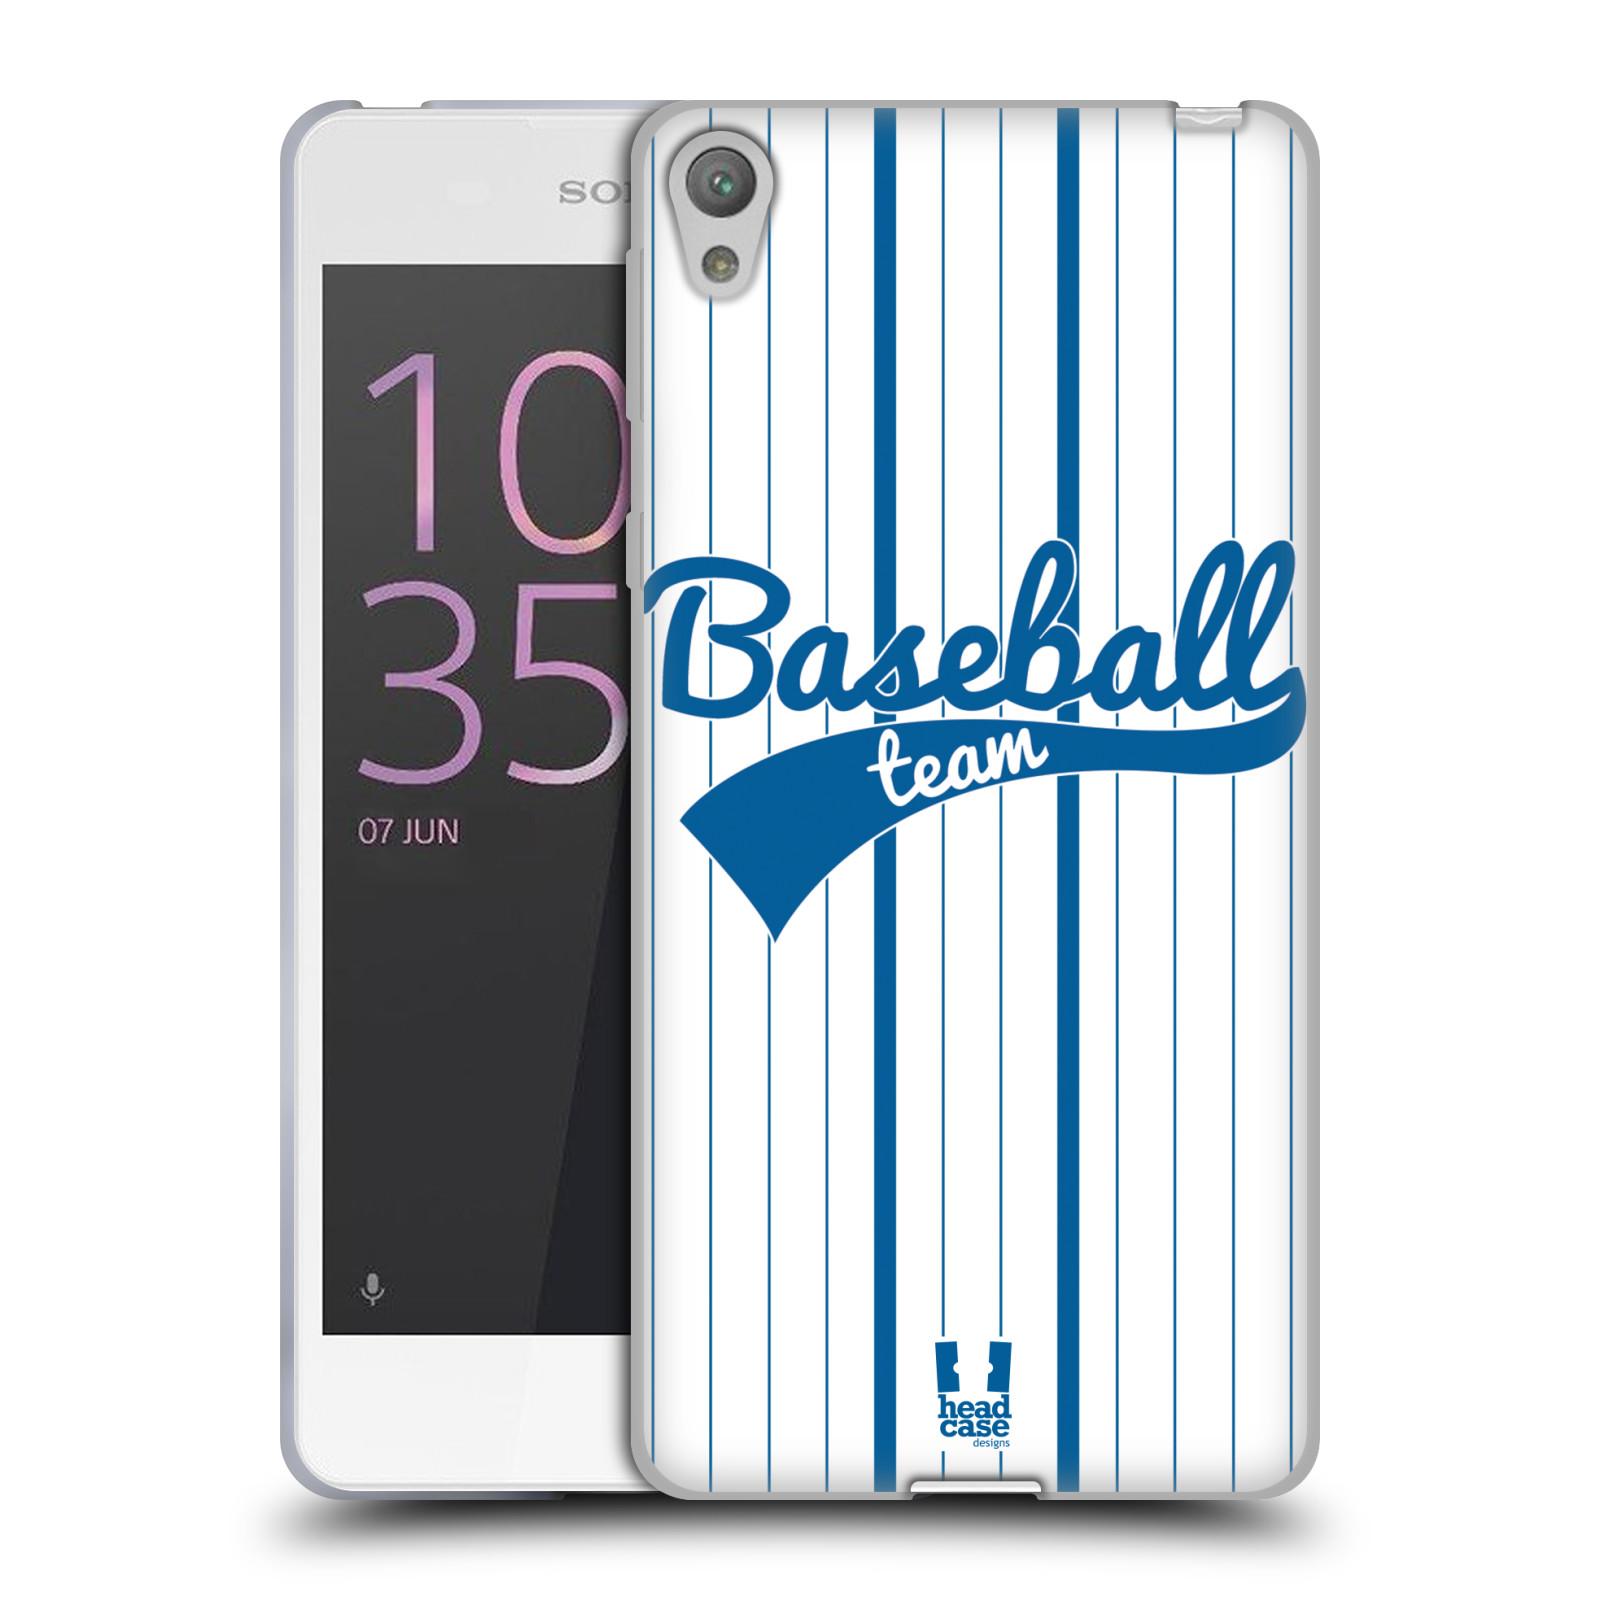 HEAD CASE silikonový obal na mobil Sony Xperia E5 Sportovní dres Baseball